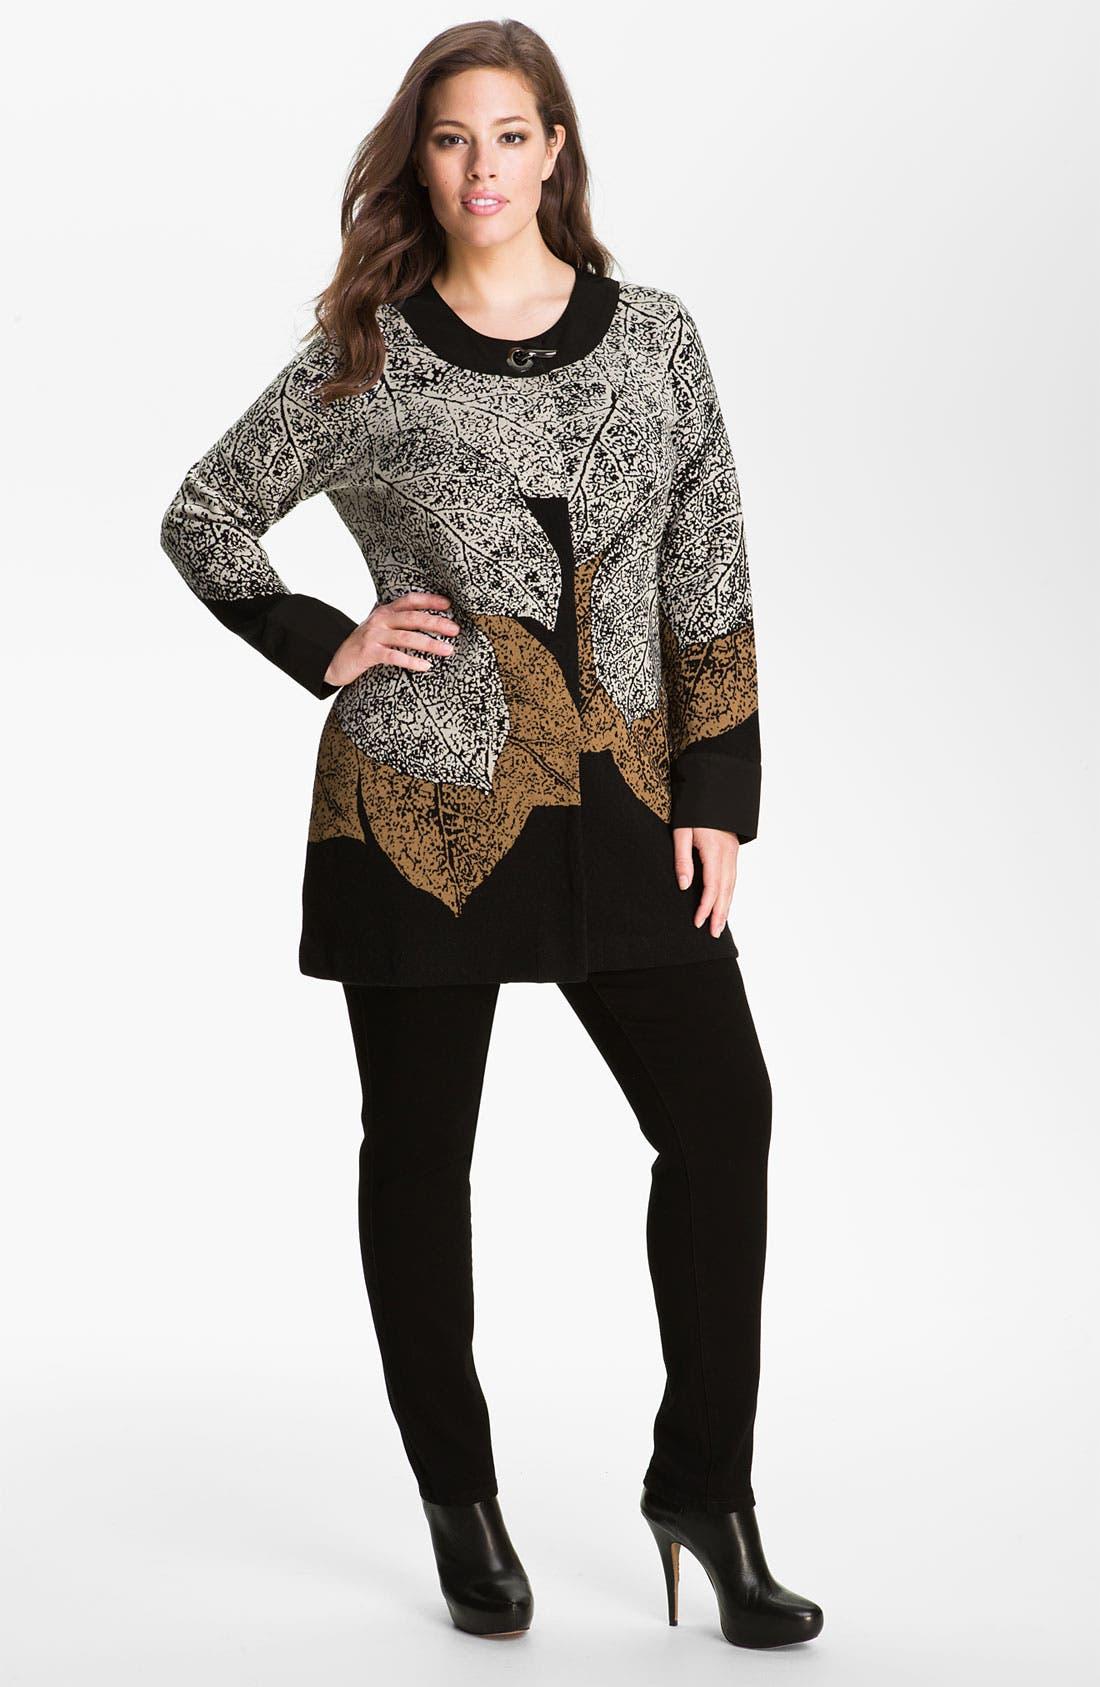 Main Image - Nic + Zoe 'Elegant Leaves' Sweater Jacket (Plus)